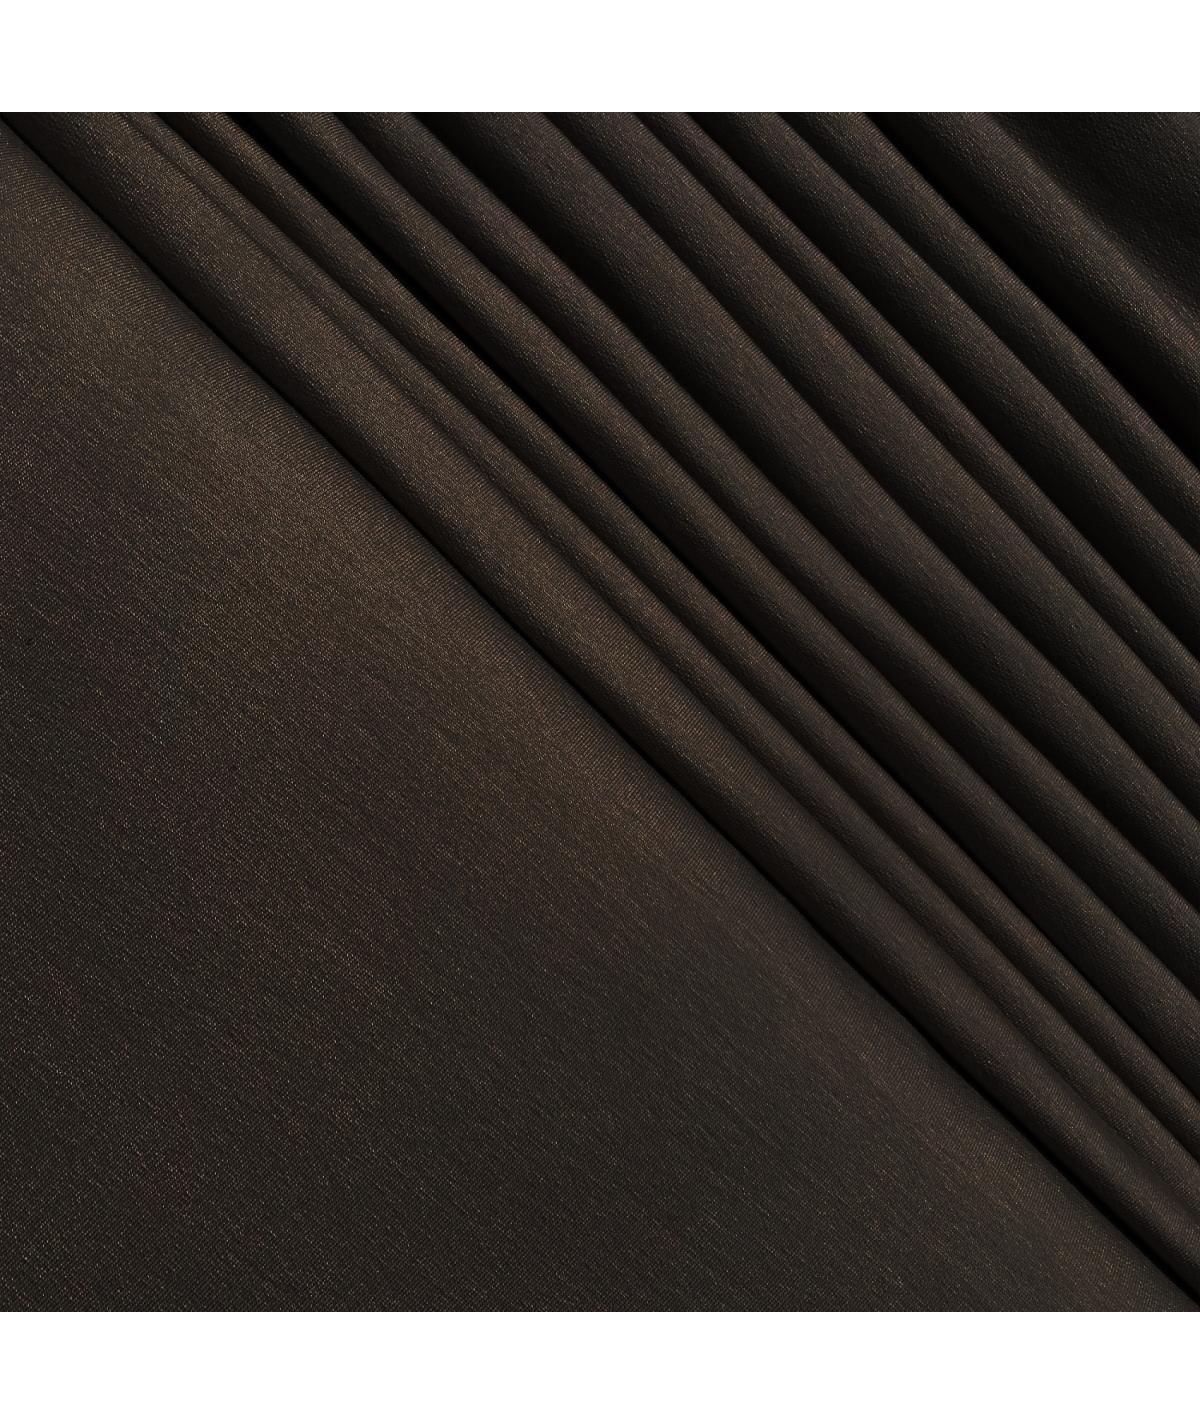 Tričkovina uni kód 8174 2184